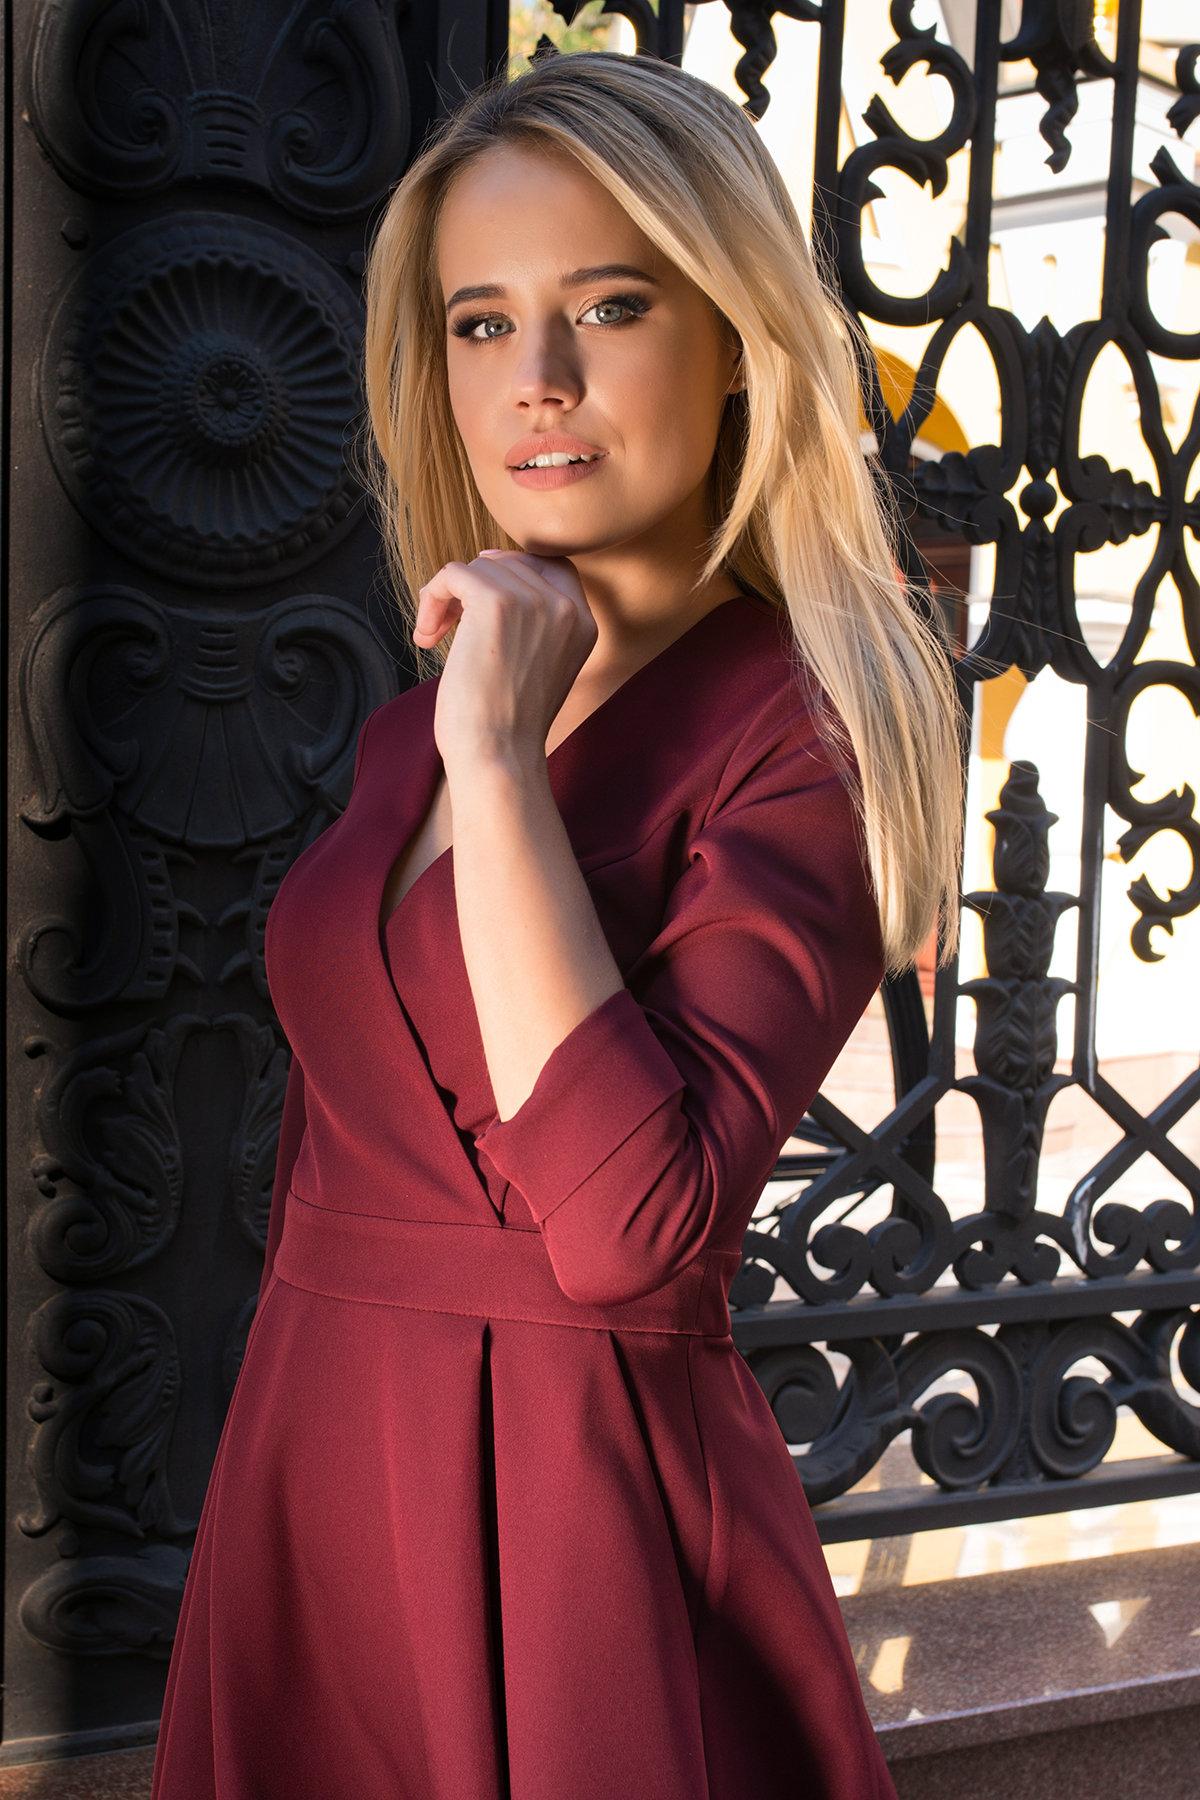 Платье с юбкой-солнце Аризона 7849 АРТ. 43843 Цвет: Винный - фото 5, интернет магазин tm-modus.ru